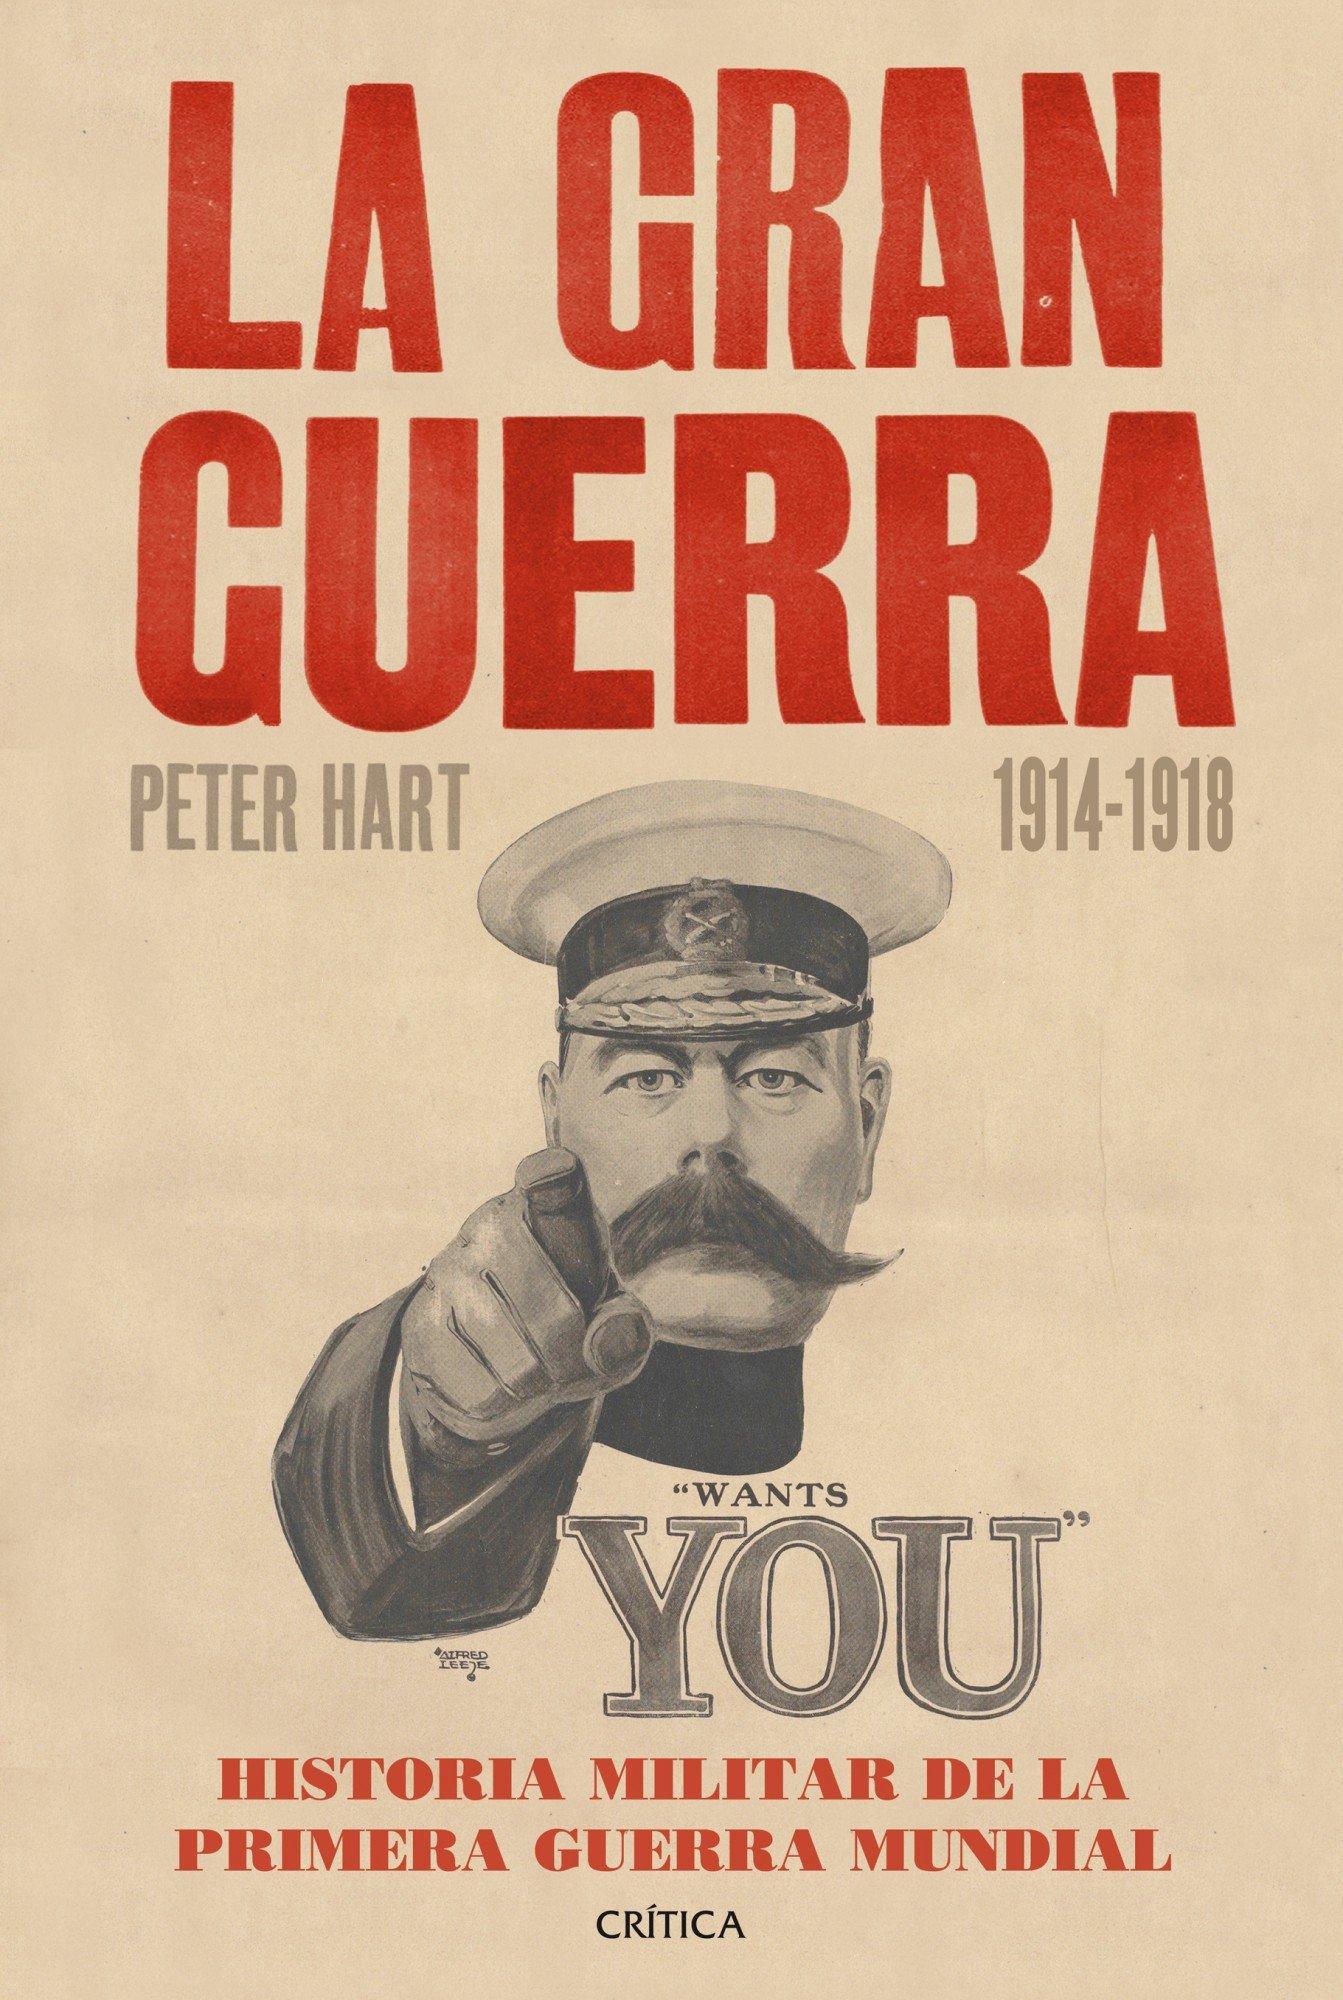 La Gran Guerra 1914-1918 : Historia militar de la primera guerra mundial Memoria Crítica: Amazon.es: Hart, Peter, Rabasseda, Joan, Lozoya, Teófilo de: Libros